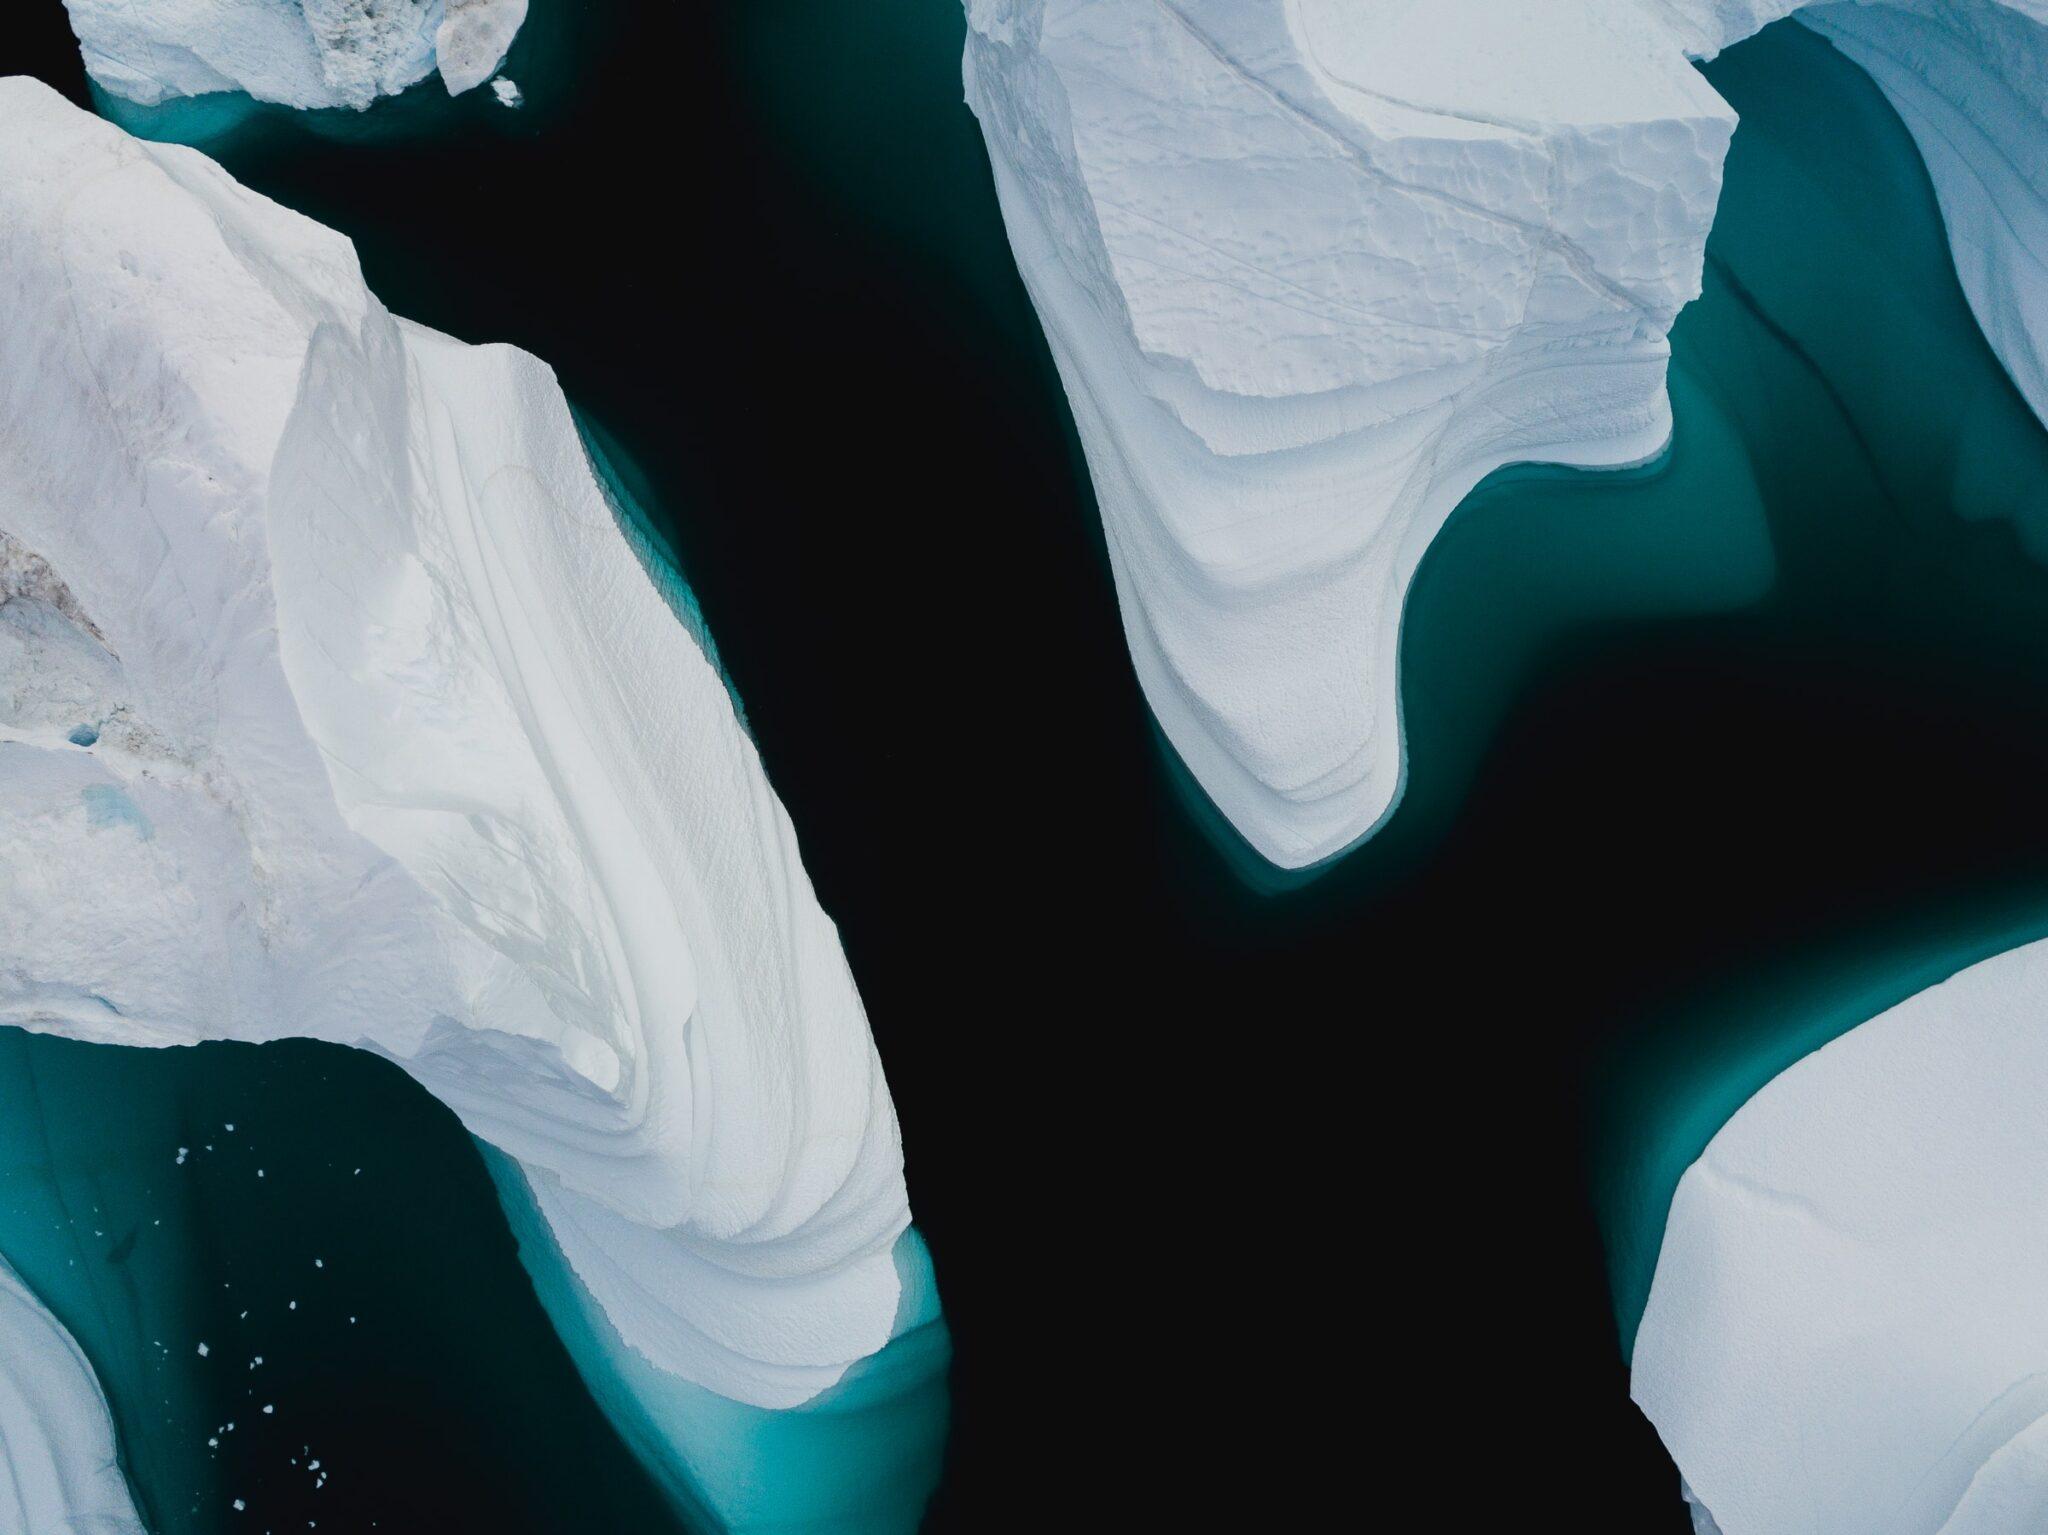 Arktische Eisberge von oben in türkisblauem Wasser